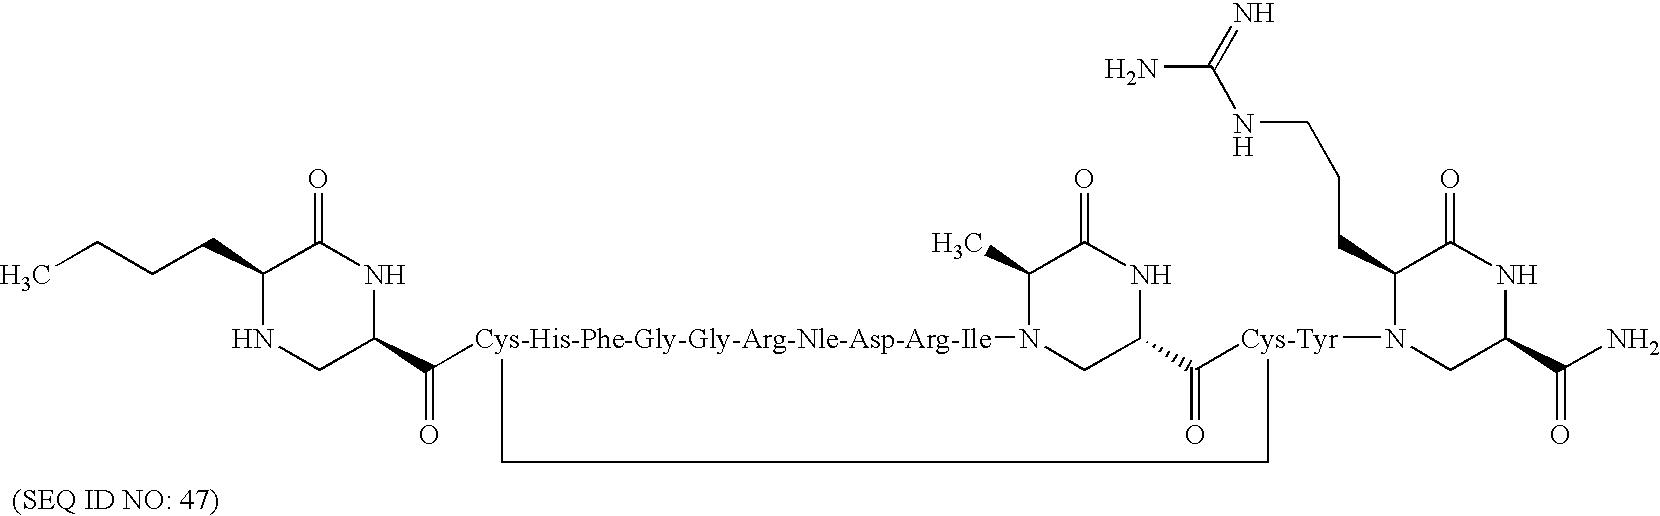 Figure US07622440-20091124-C00181